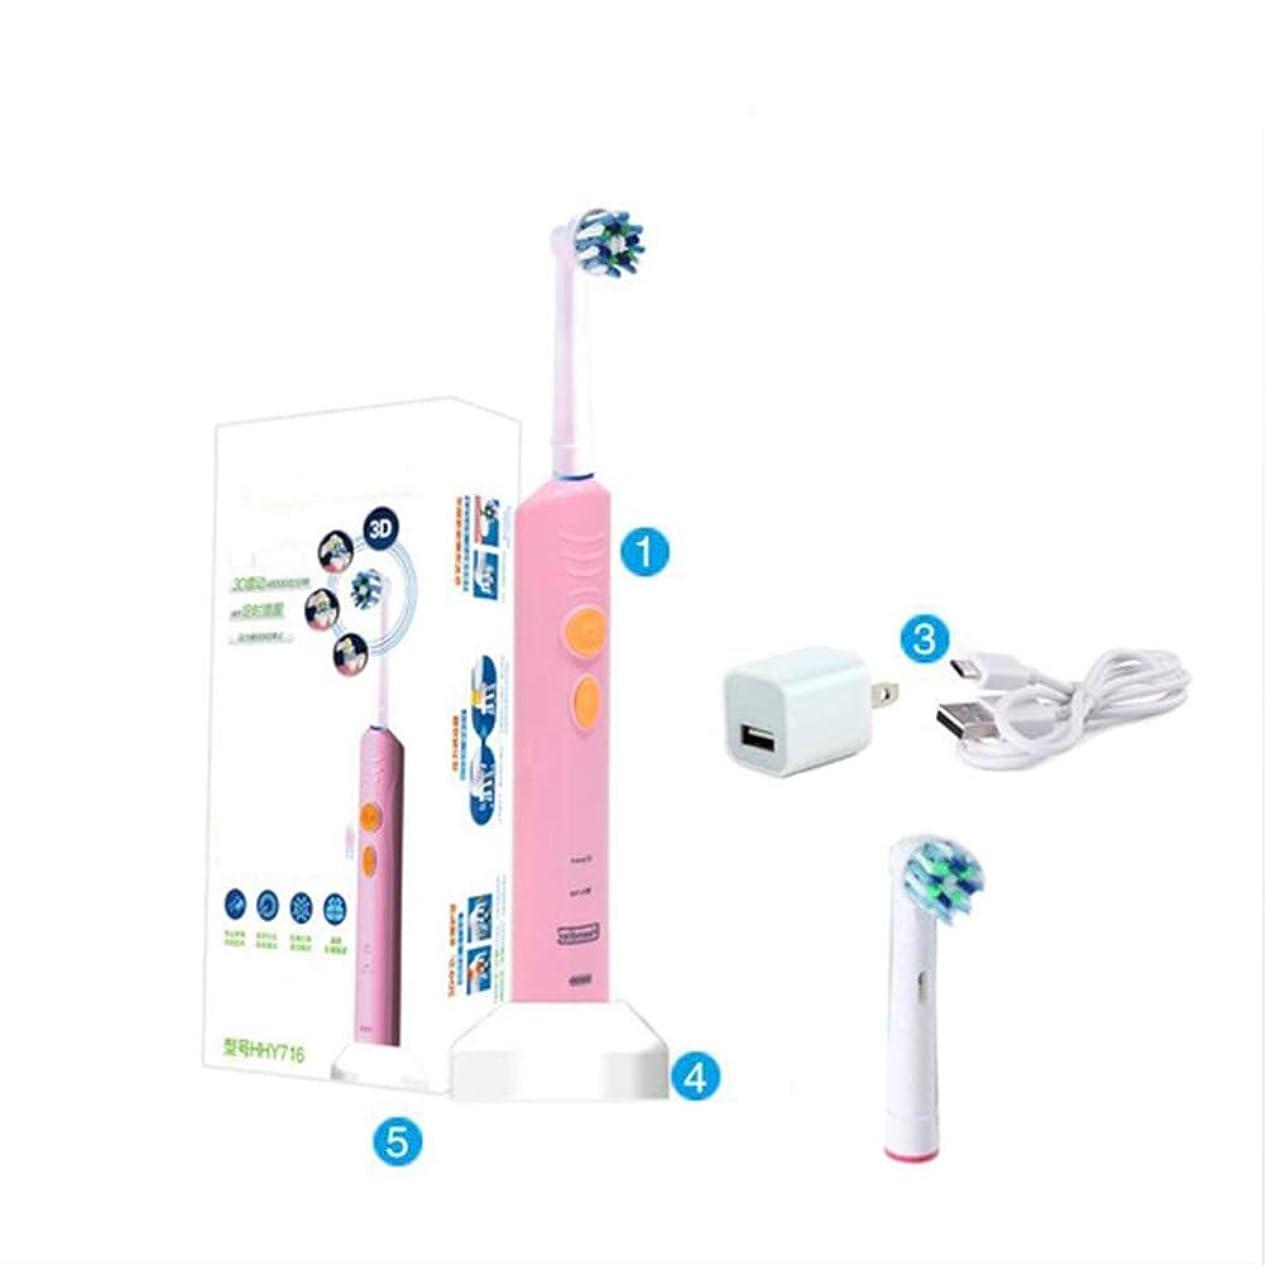 会話型起きろ素晴らしき電気ソニック充電式歯ブラシ、2つの交換可能なブラシヘッド、2つのモード、誘導充電、IPX7防水、2分のスマートタイミングと30秒のゾーンリマインダ、大人のための女性と男性